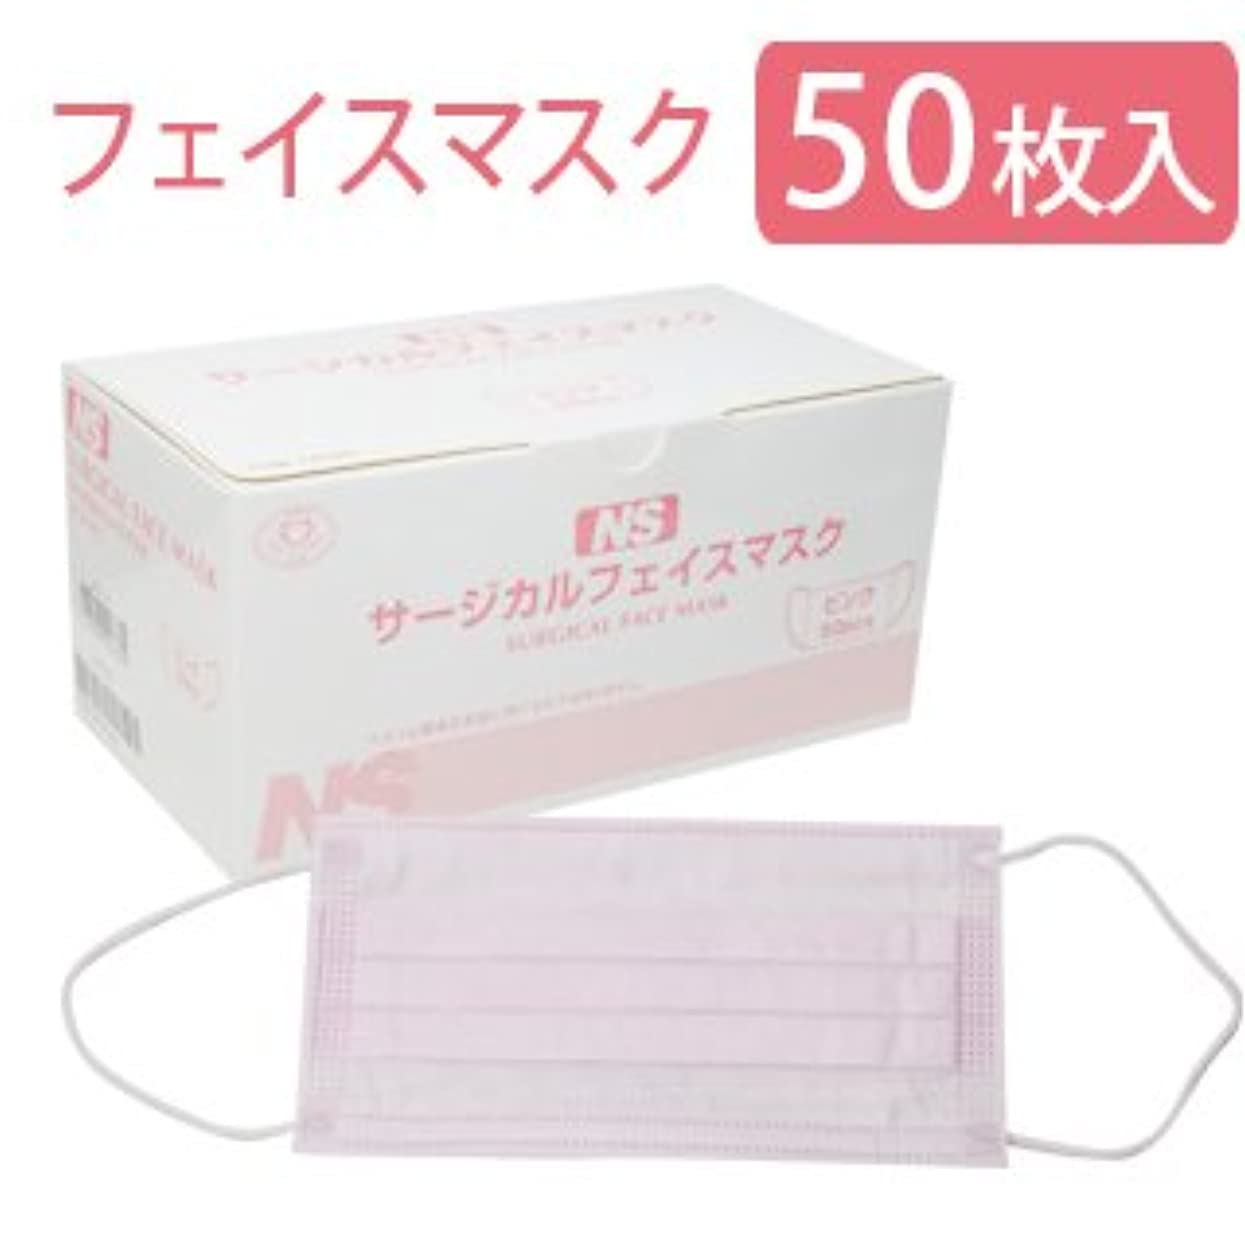 ペルー冷笑する失礼New サージカルフェイスマスク NS 使い捨て ピンク 3層構造 50枚入